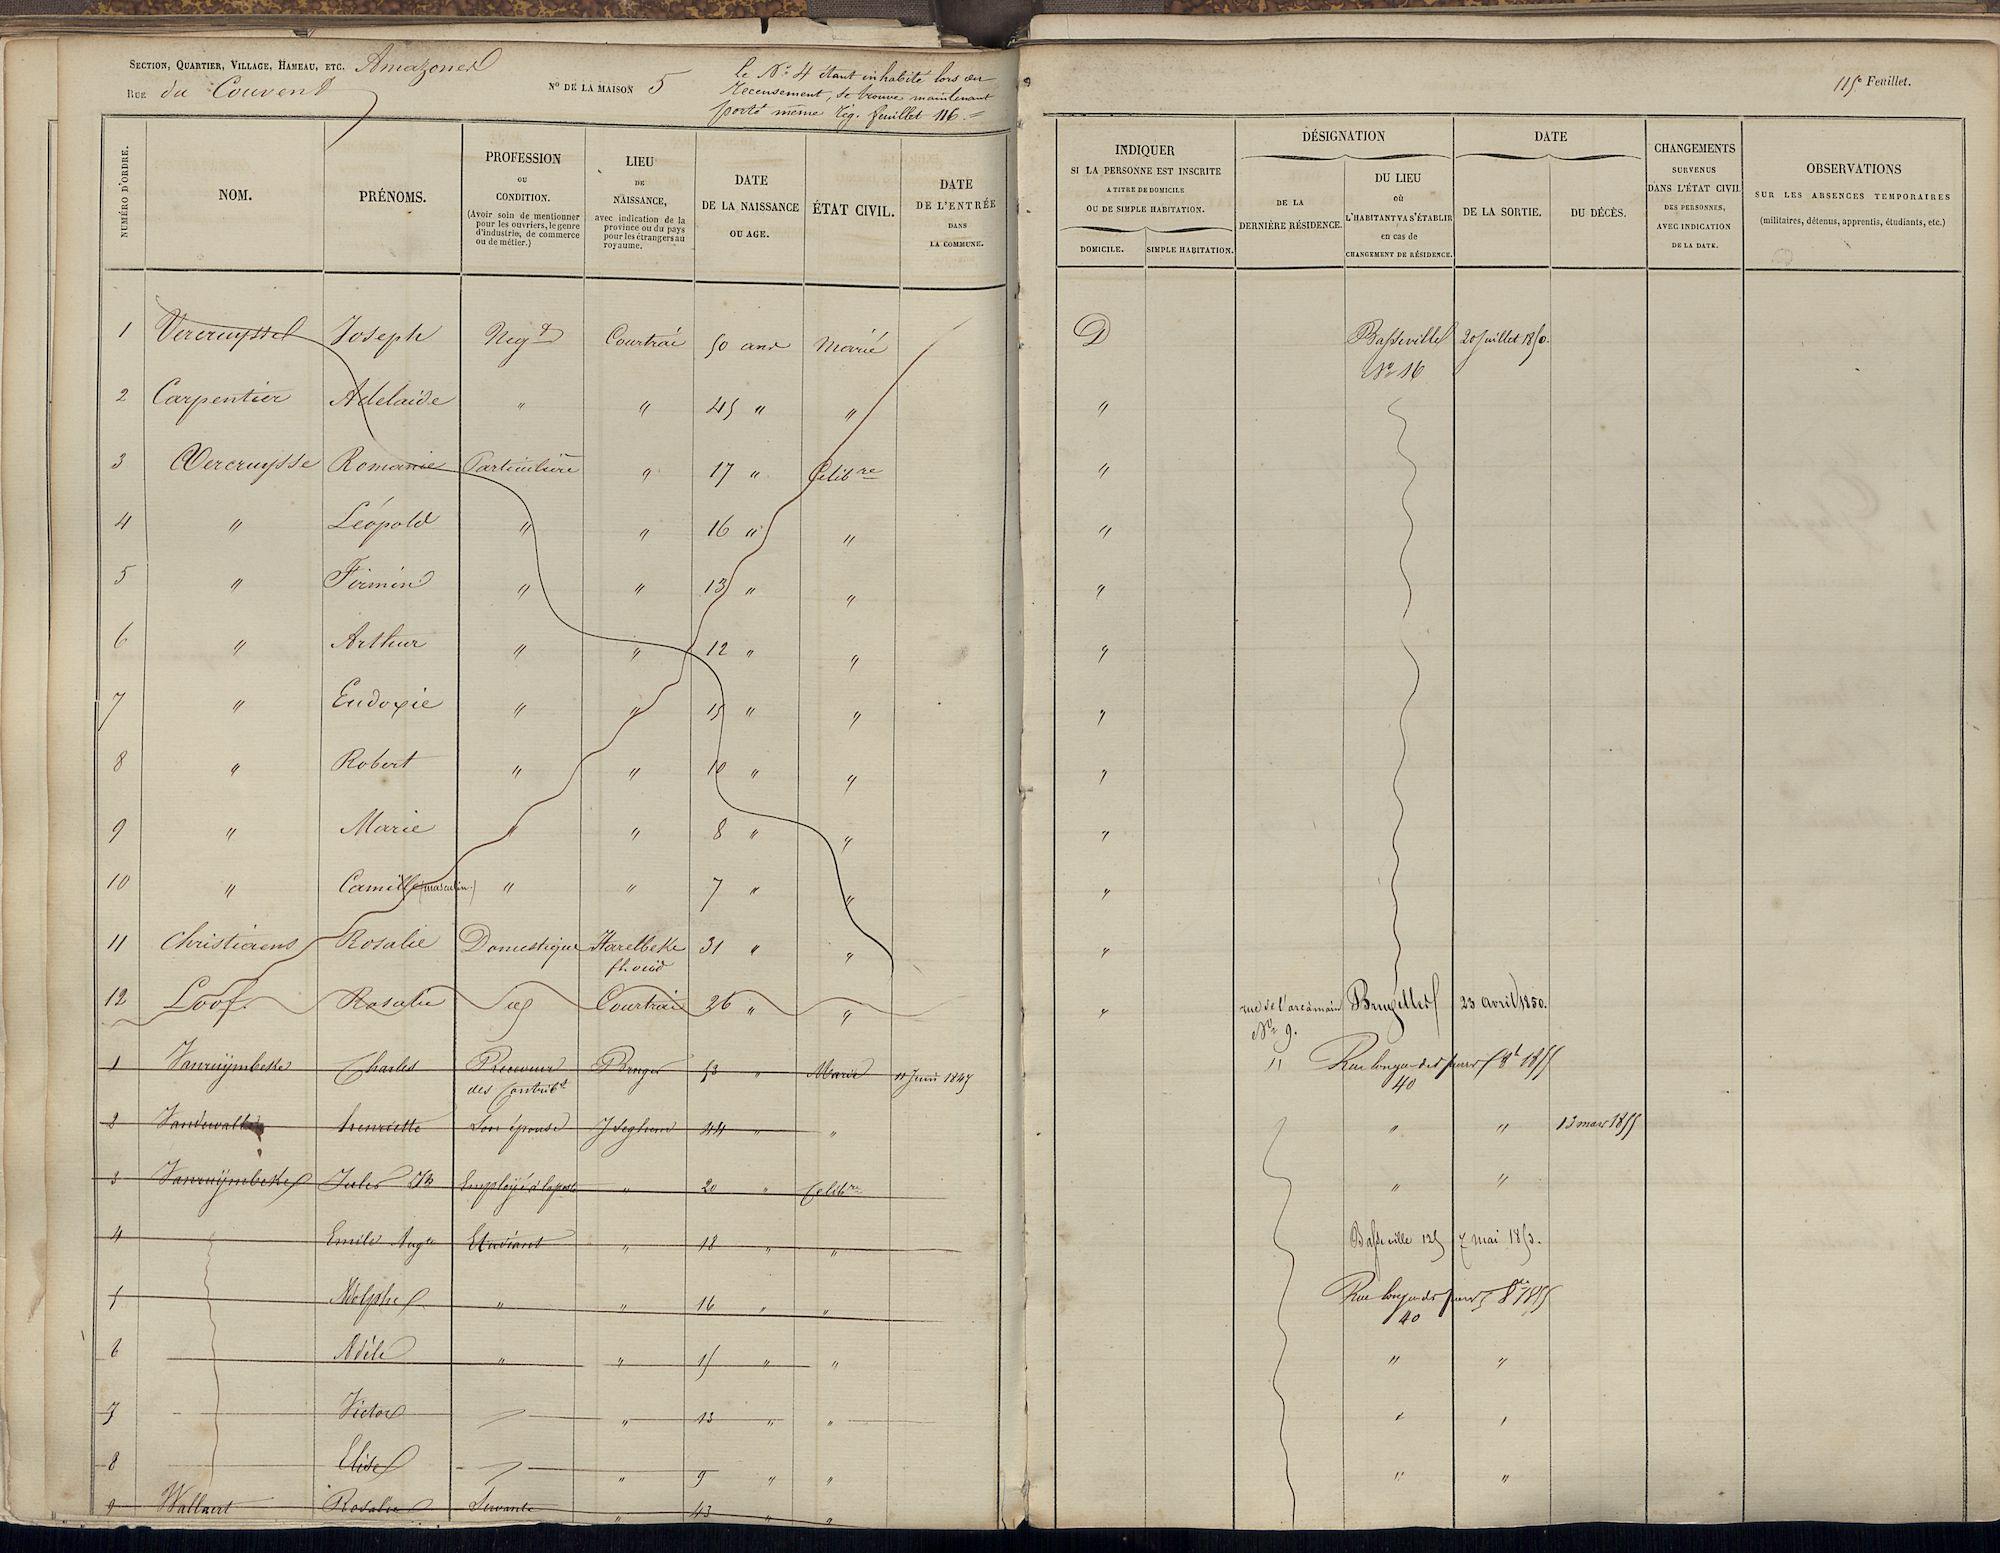 1846_1_115.tif